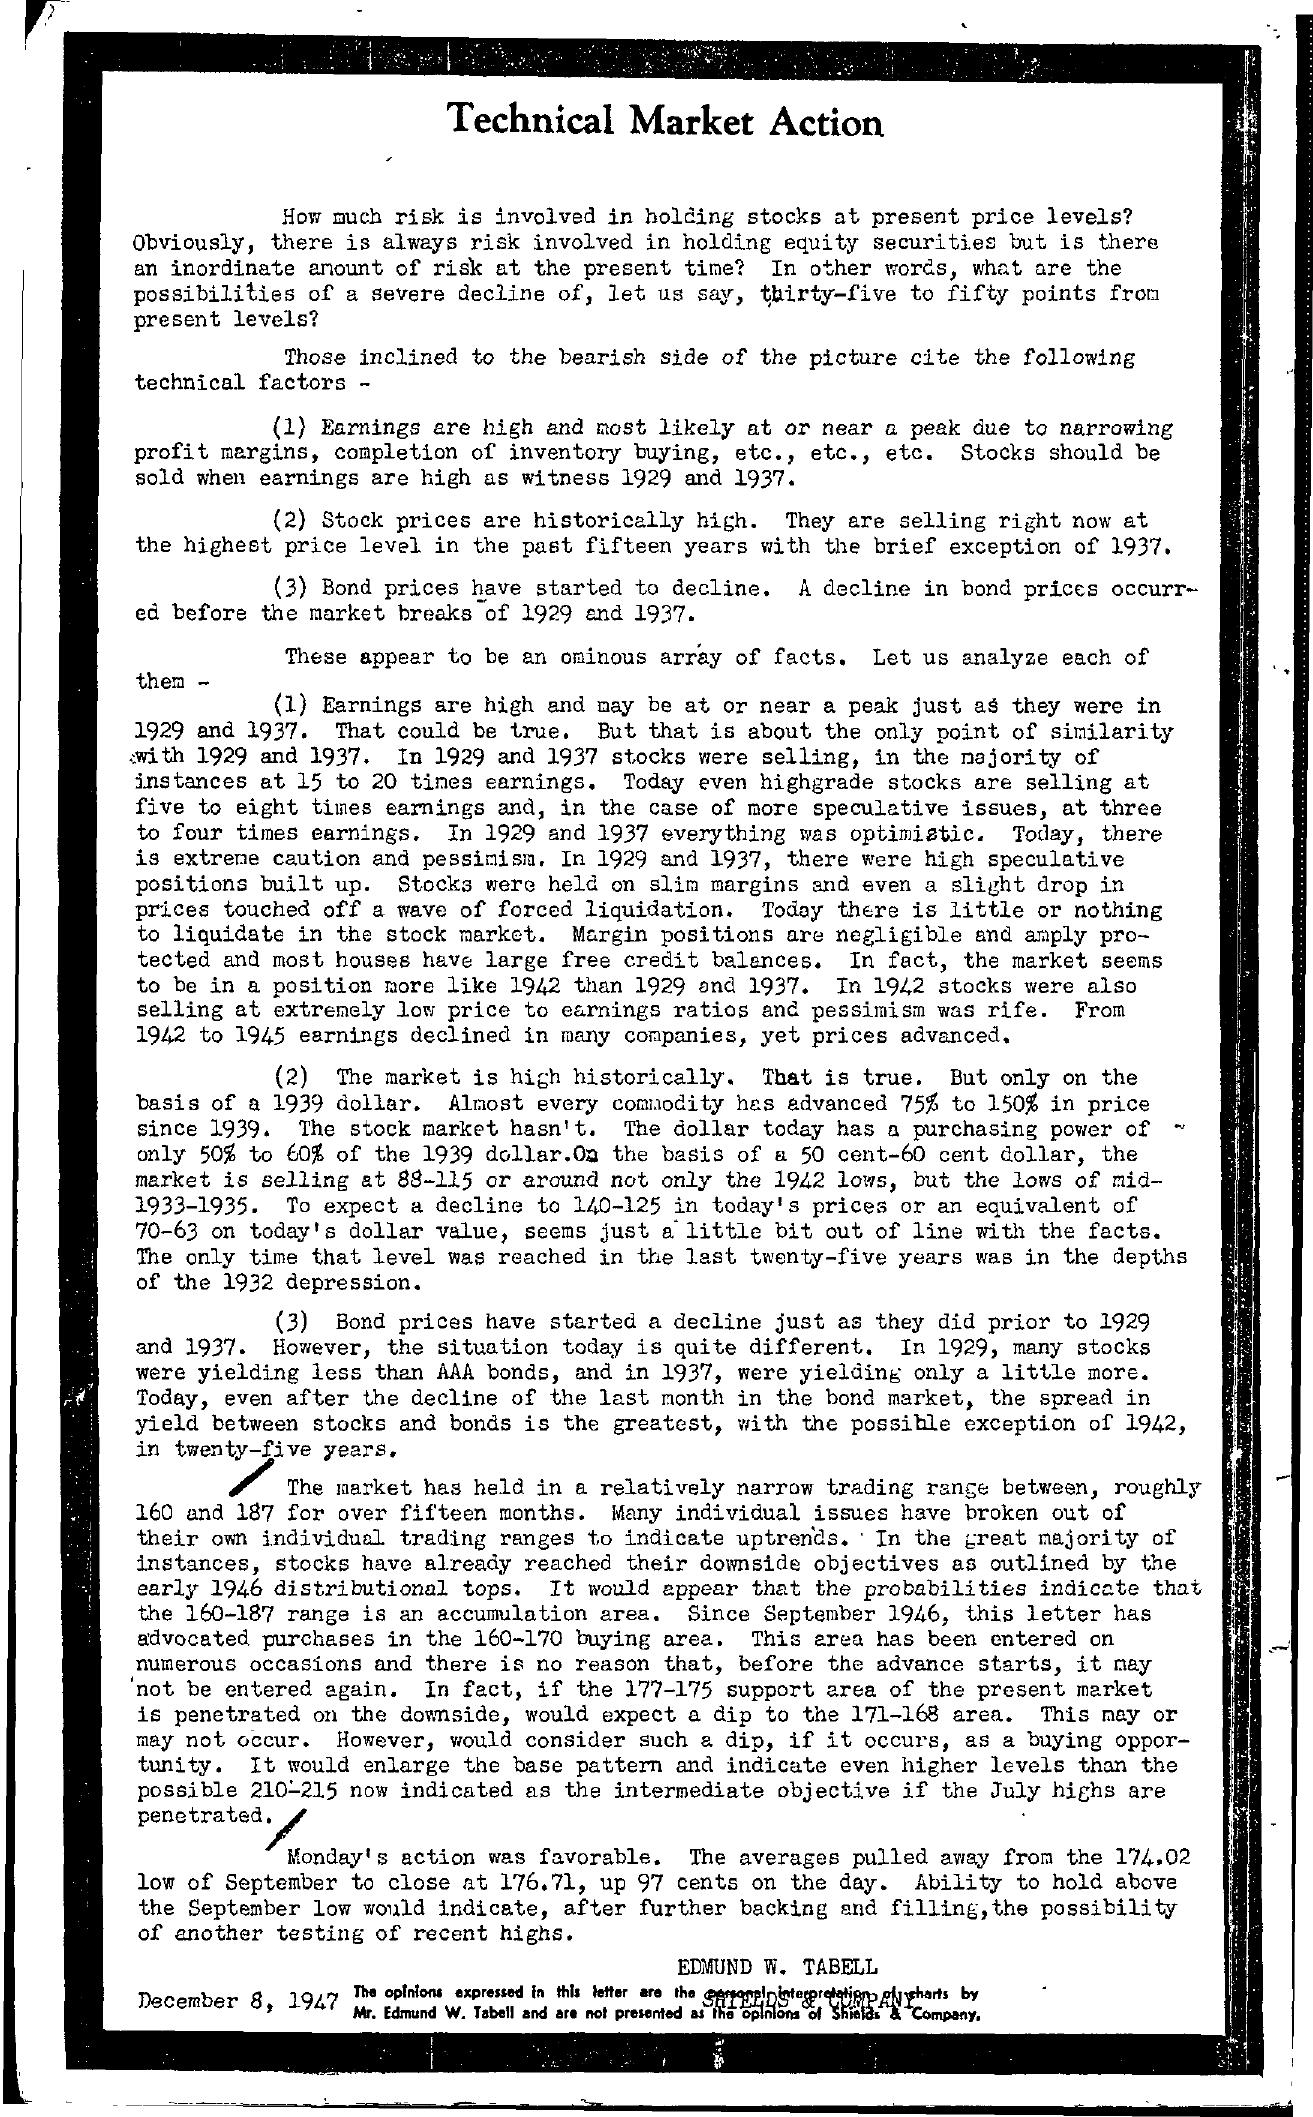 Tabell's Market Letter - December 08, 1947